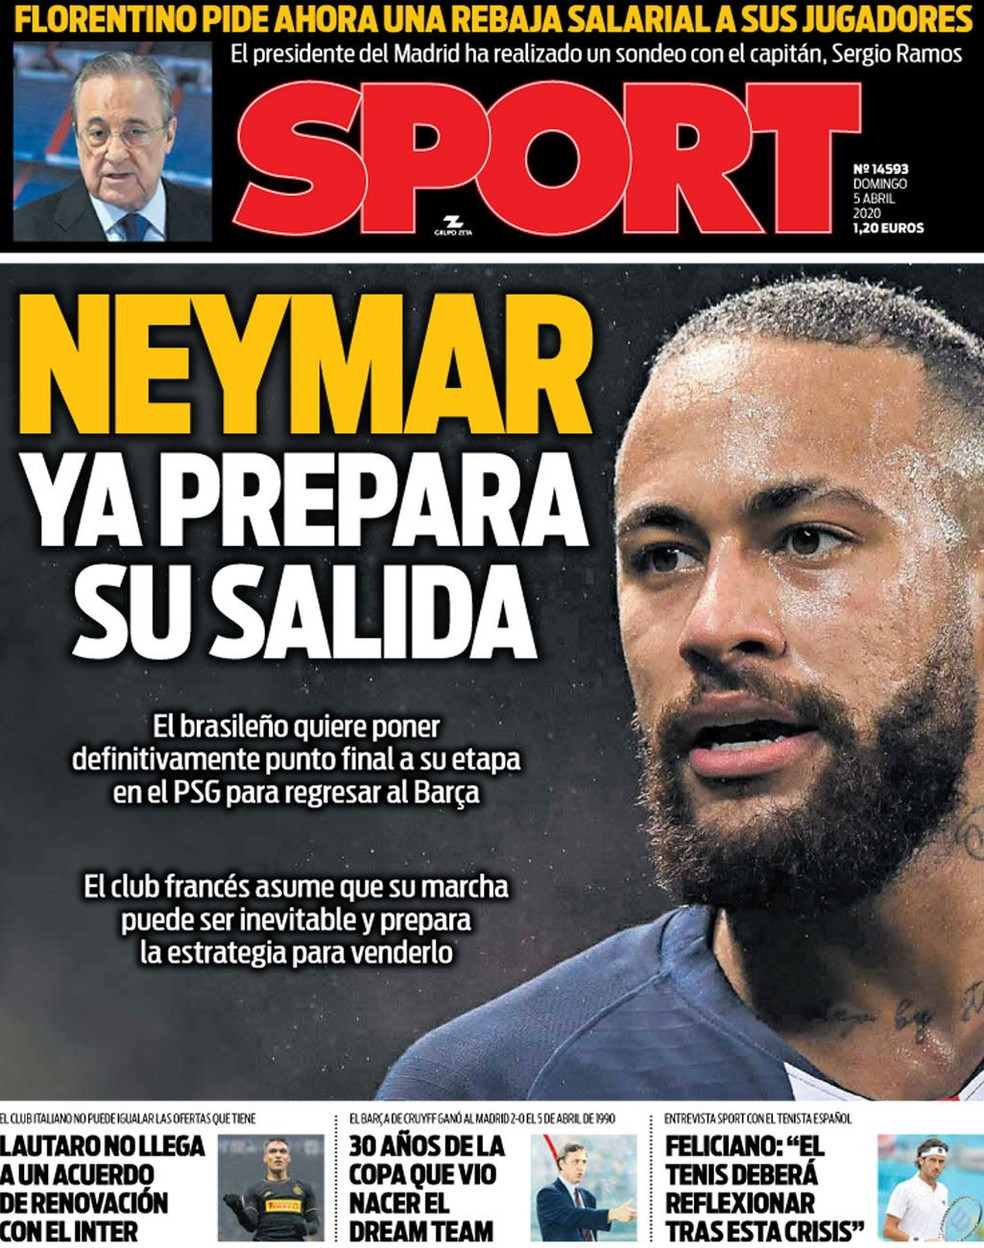 """Neymar é capa do """"Sport"""", que diz que atacante prepara sua saída do PSG — Foto: Reprodução/Sport"""